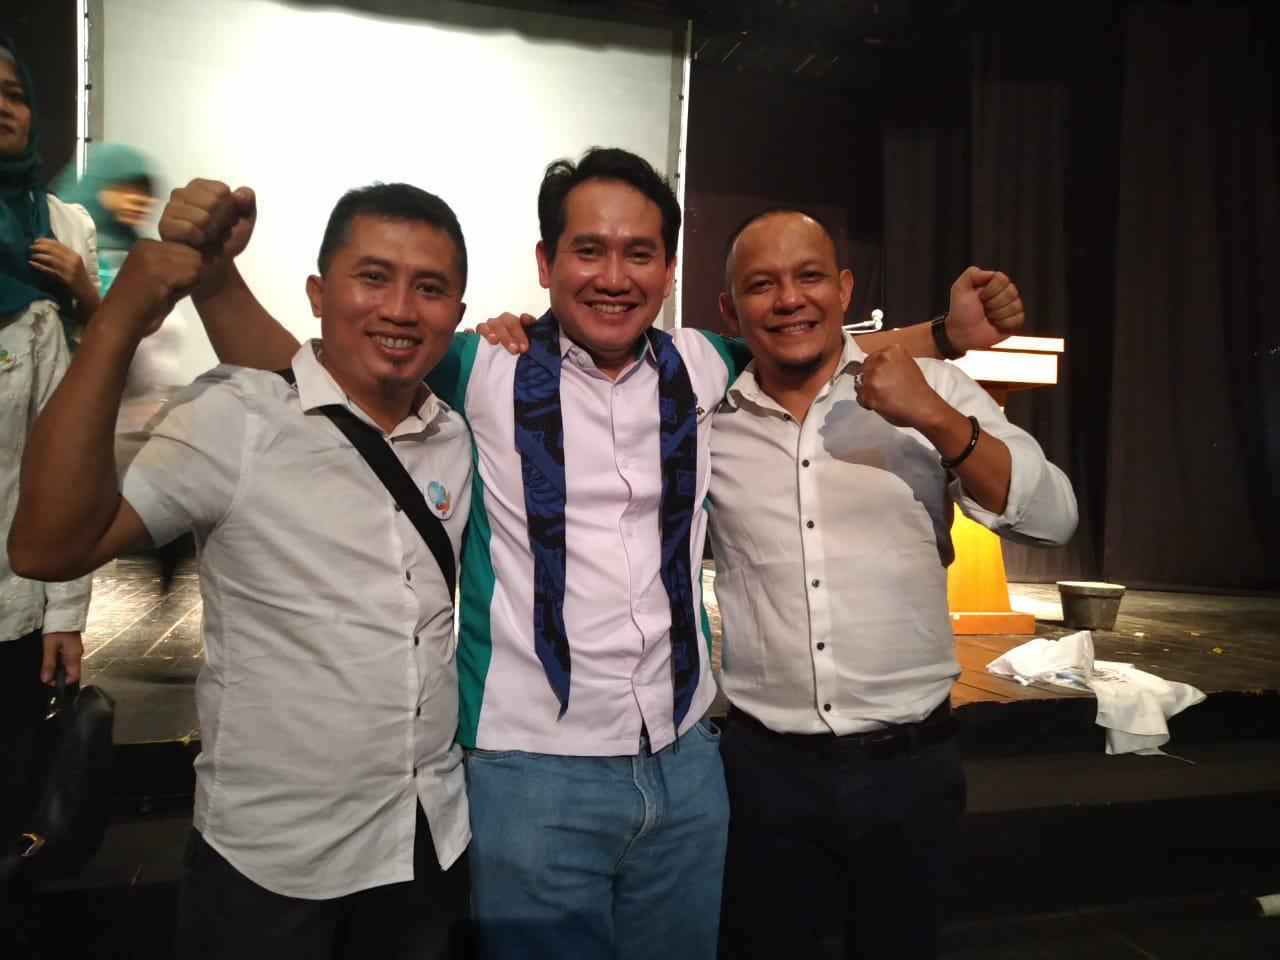 Pengurus DPD Genppari Tasikmalaya dilantik, Pariwisatanya Tambah Maju